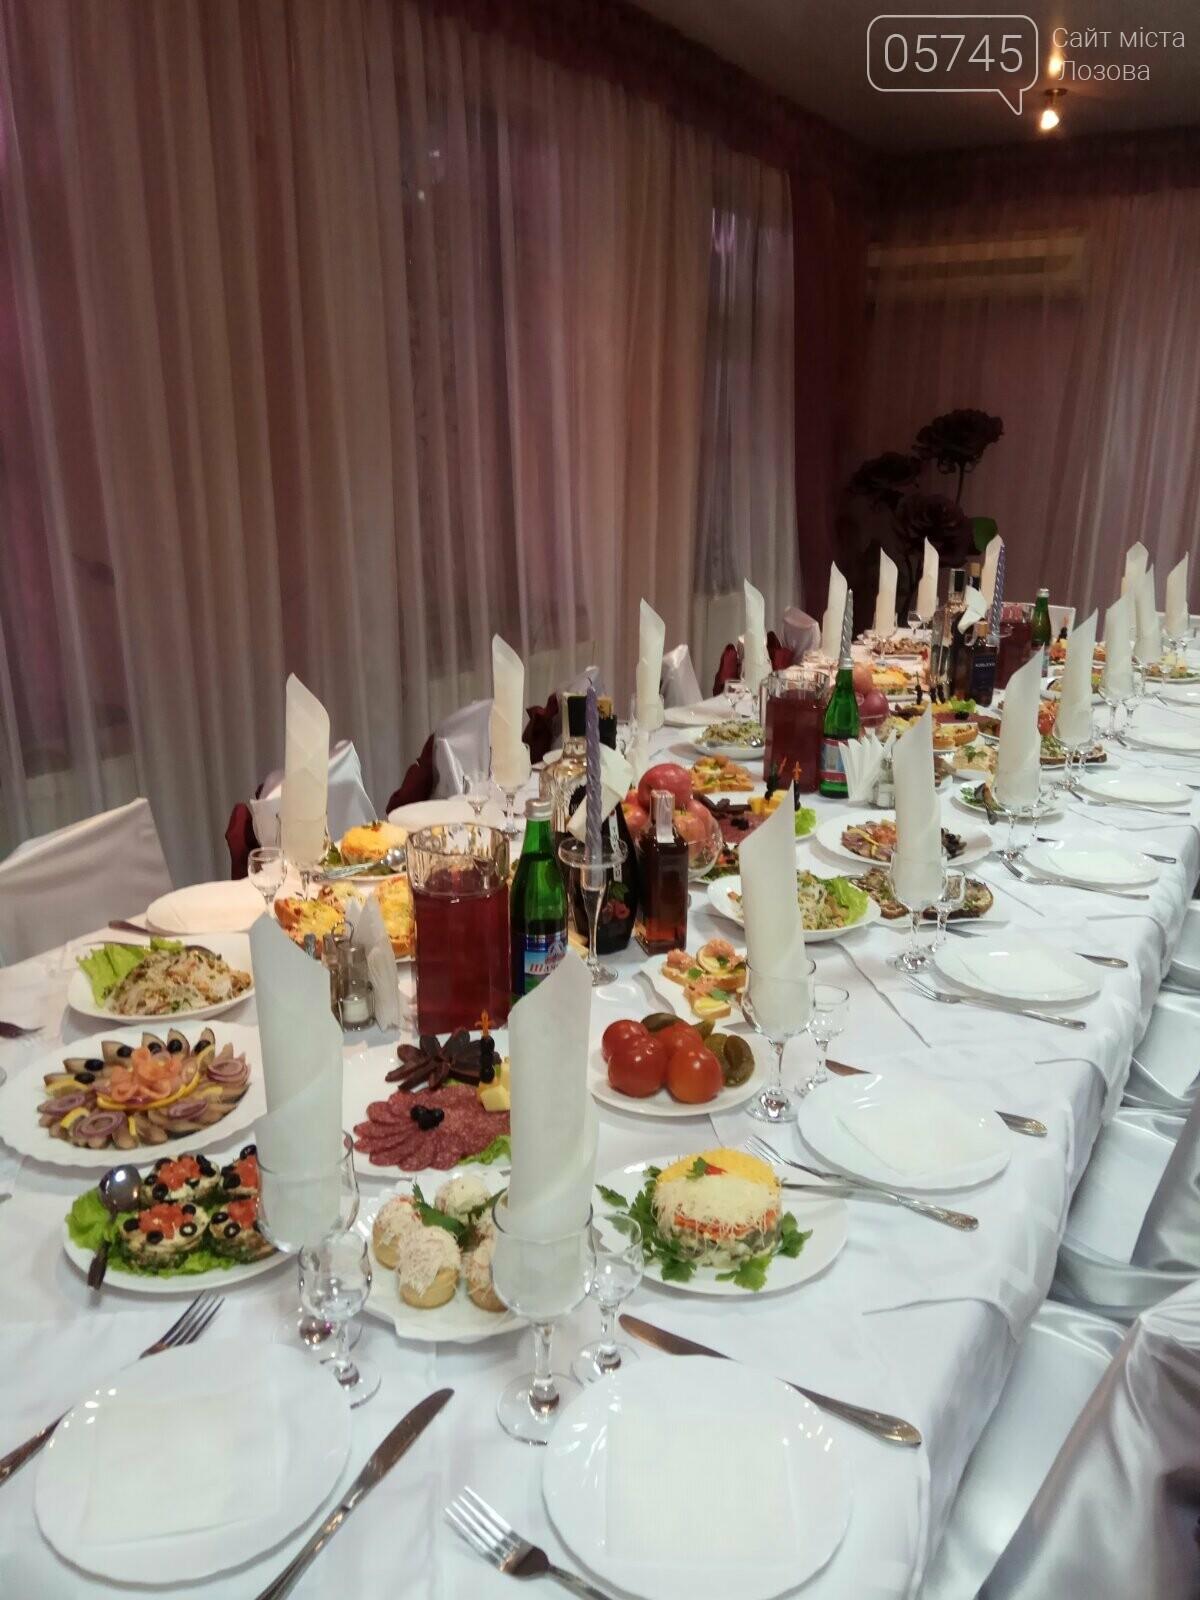 Доставка еды на дом: где заказать продукты в Лозовой, фото-17